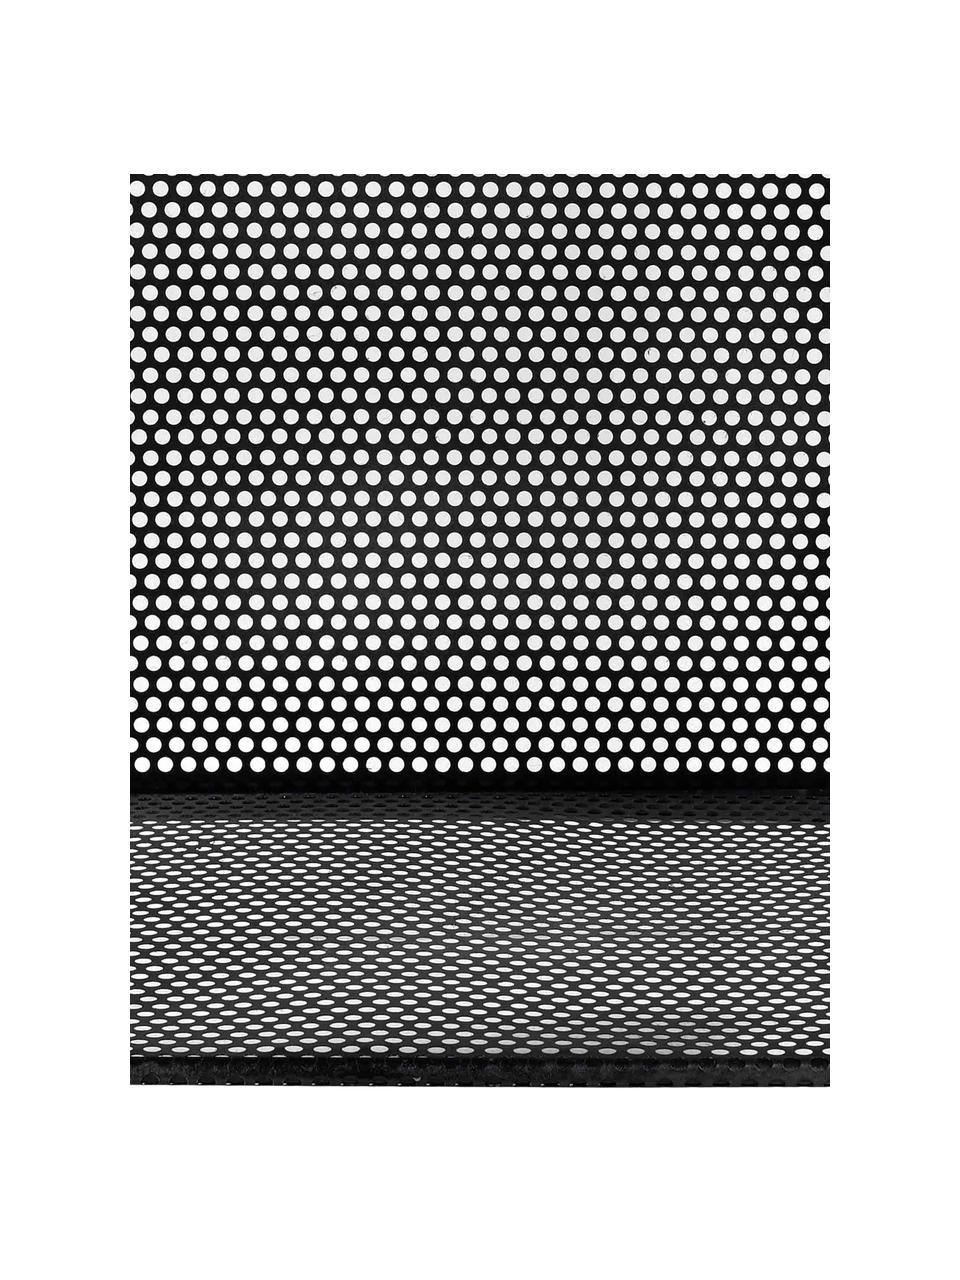 Beistelltisch Loft aus Metall, Metall, grob perforiert mit freiliegenden Messingschweißnähten, Schwarz, 40 x 50 cm